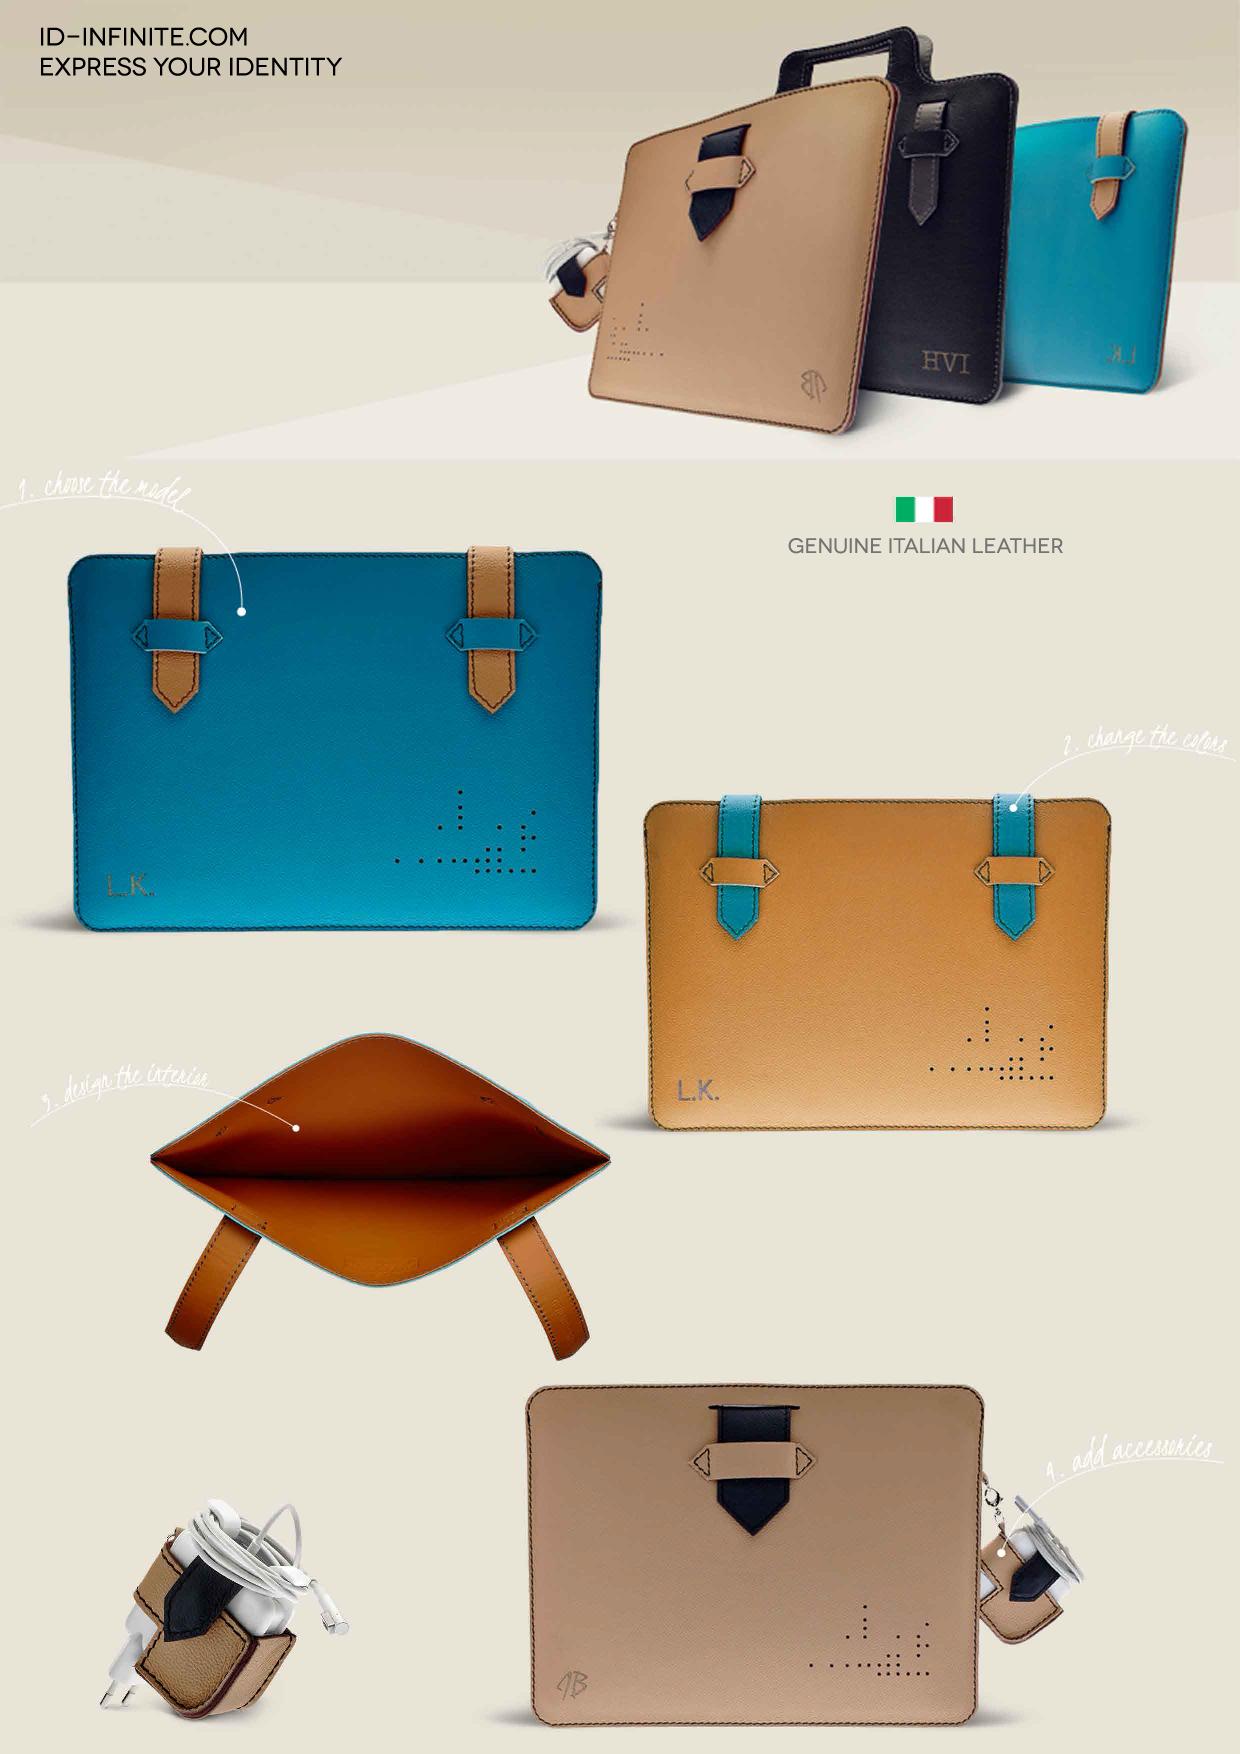 Diy Macbook Cover : Id infinite launches designer custom macbook cases in the